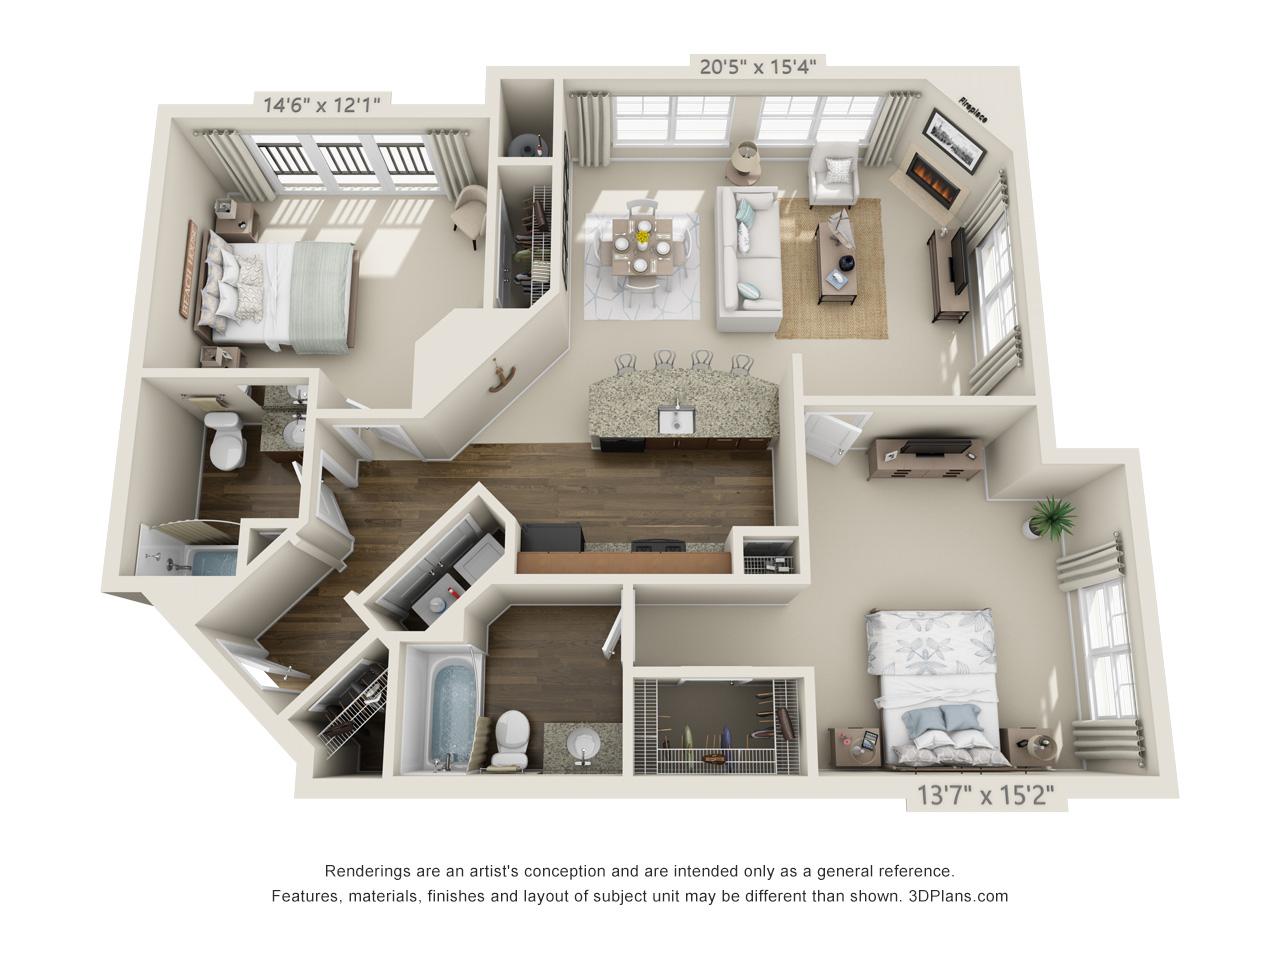 2 bedroom apartments in conshohocken